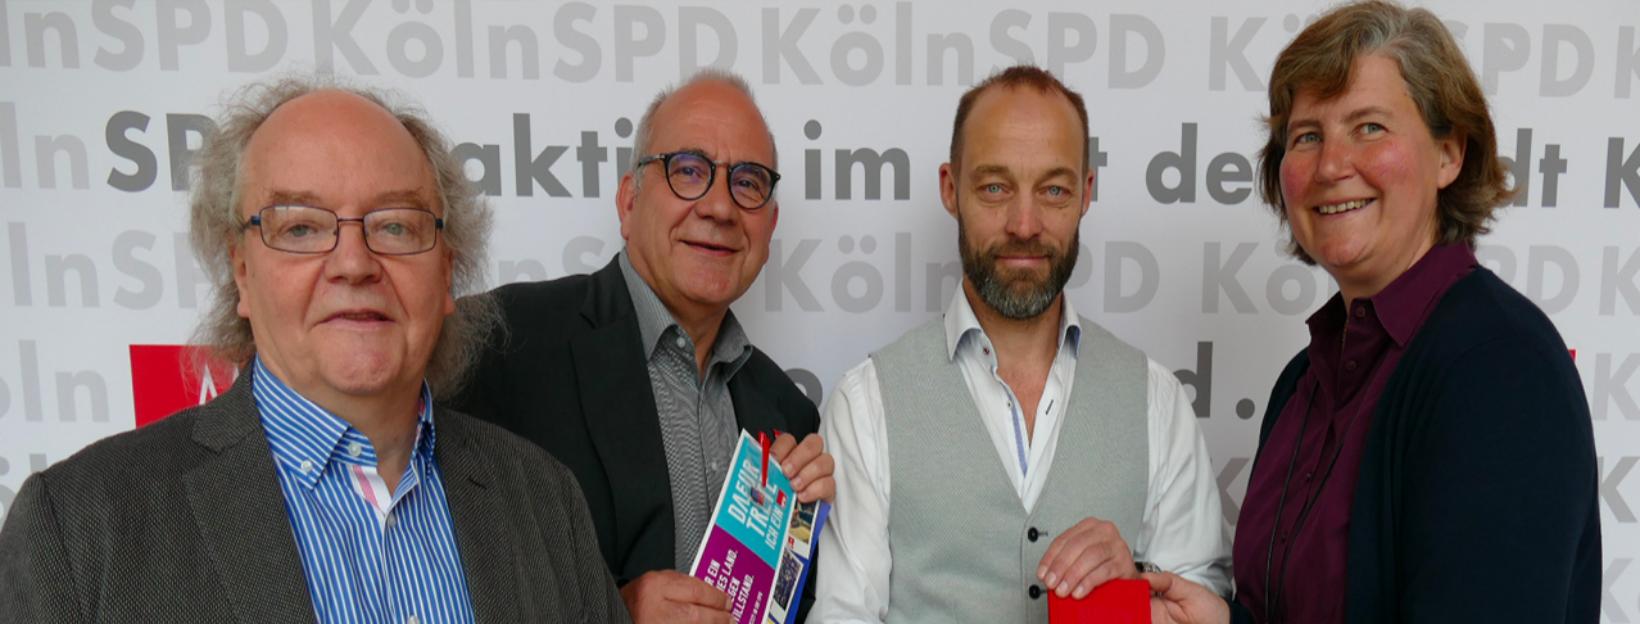 Thomas Hegenbarth verstärkt SPD-Fraktion – im OV Nippes